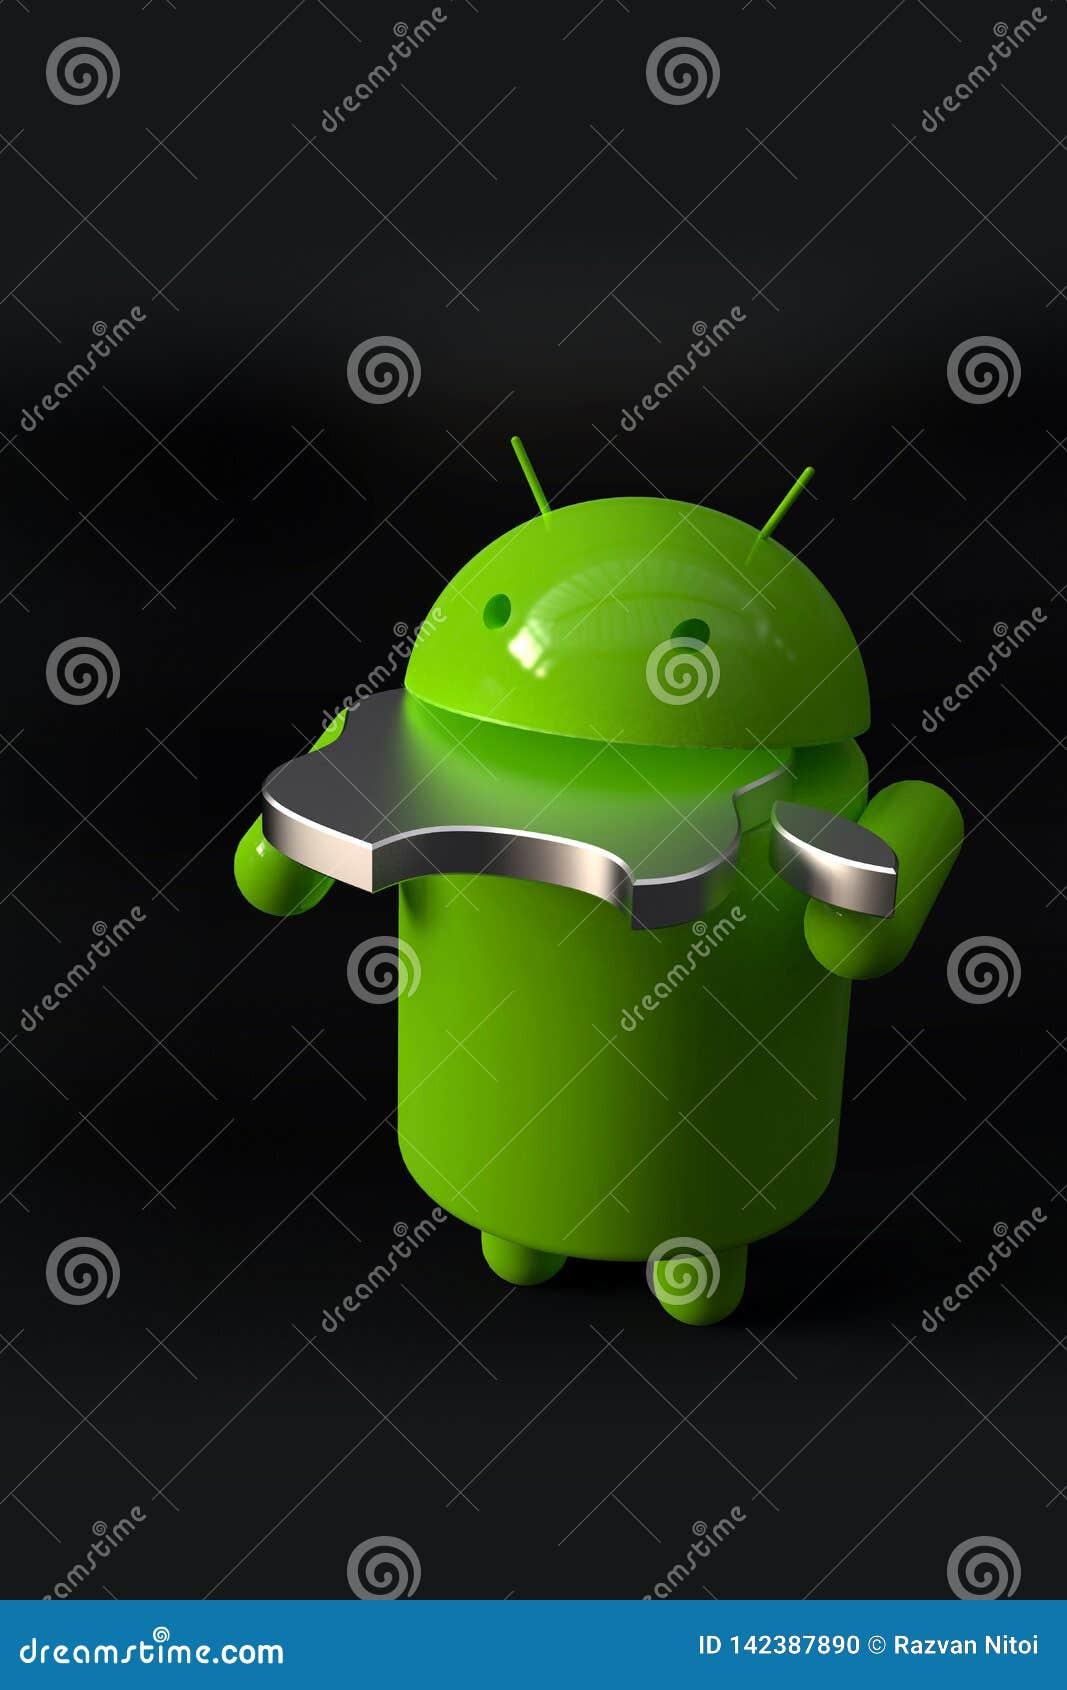 Android contra el símbolo de la competencia del IOS de Apple - caracteres del logotipo